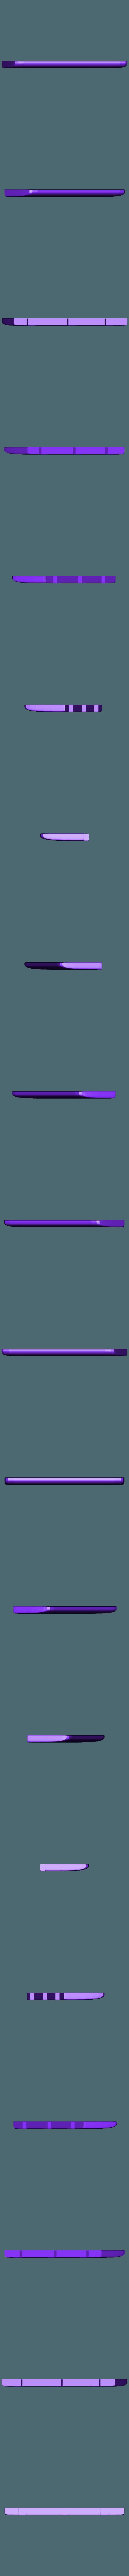 tabla.stl Télécharger fichier STL gratuit BatmanRepisa • Design à imprimer en 3D, Aslan3d